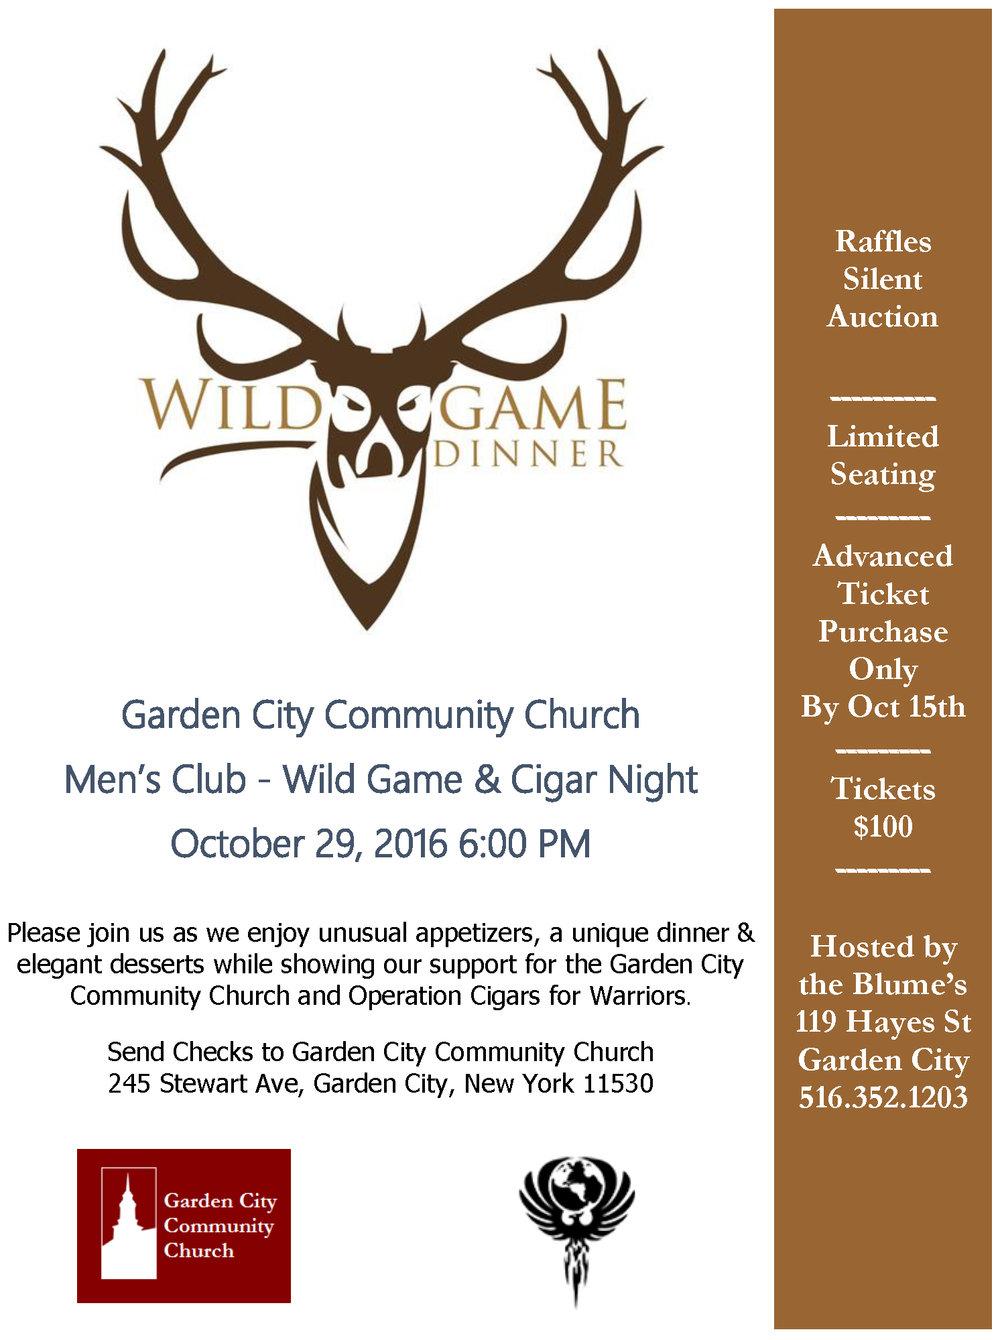 Wild-Game-Dinner-Invite.jpg